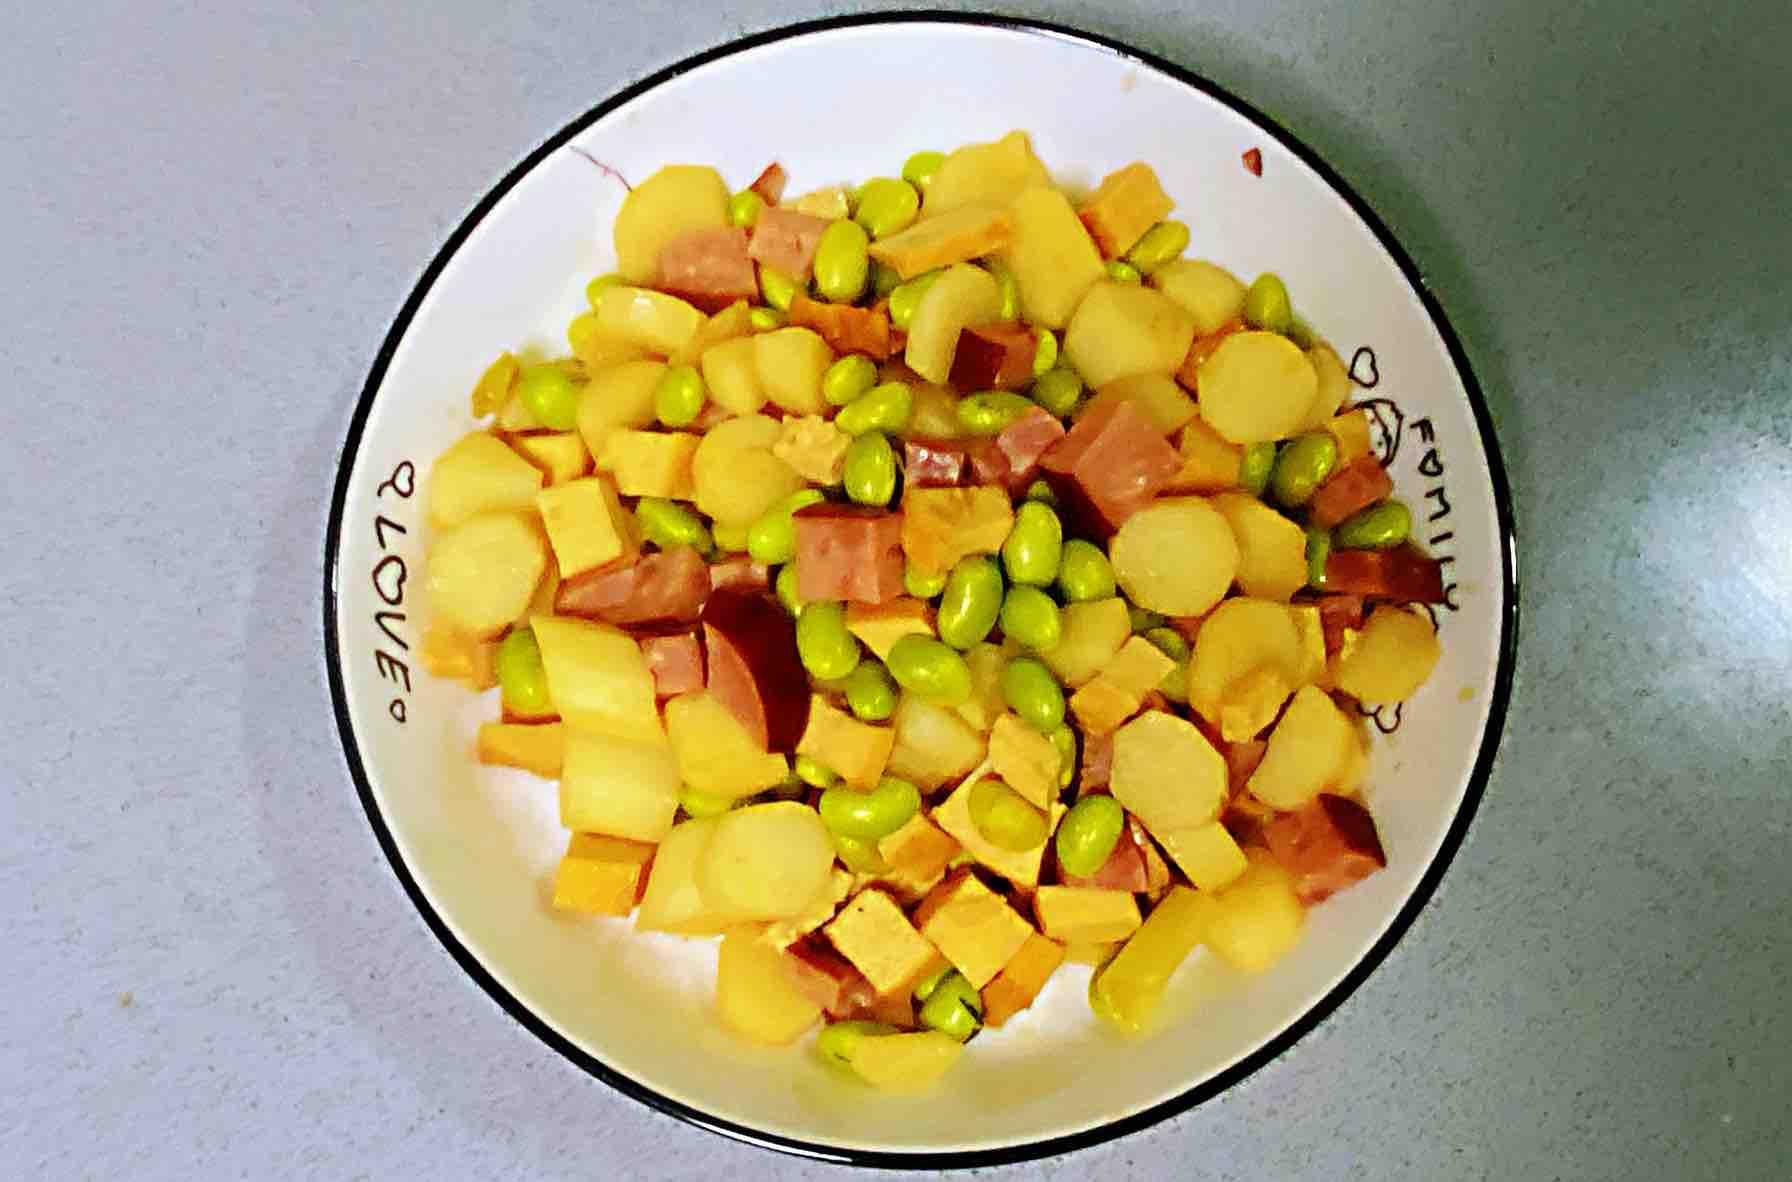 【孕妇食谱】火腿毛豆山药丁,营养丰富、色香味美~怎么煮